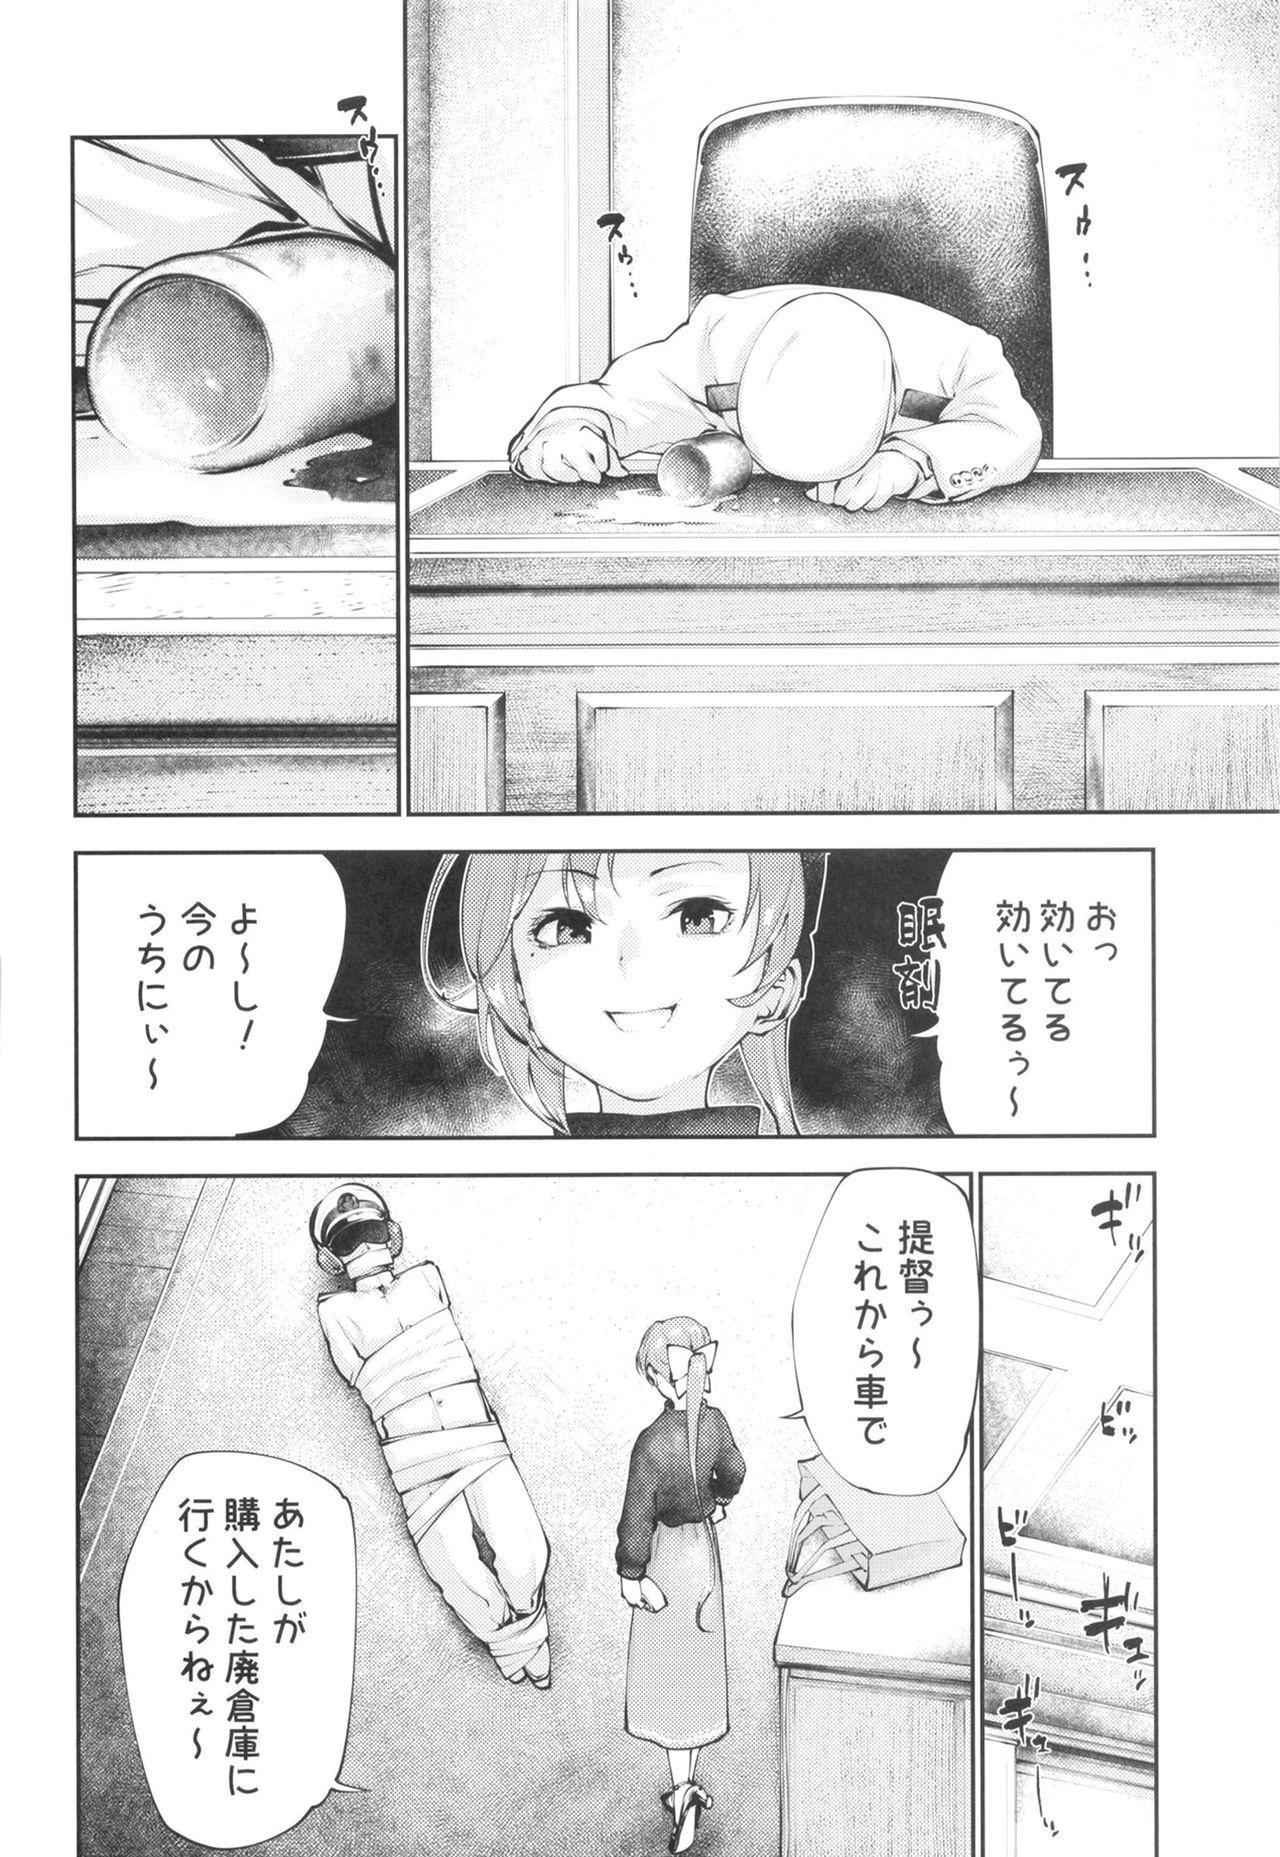 [kitsunenotera (bouko)] Kou demo Shinakya Akigumo-san 25-sai ga Teitoku to Hameru Kikai Isshou Konai desho (Kantai Collection -KanColle-) [Digital] 3